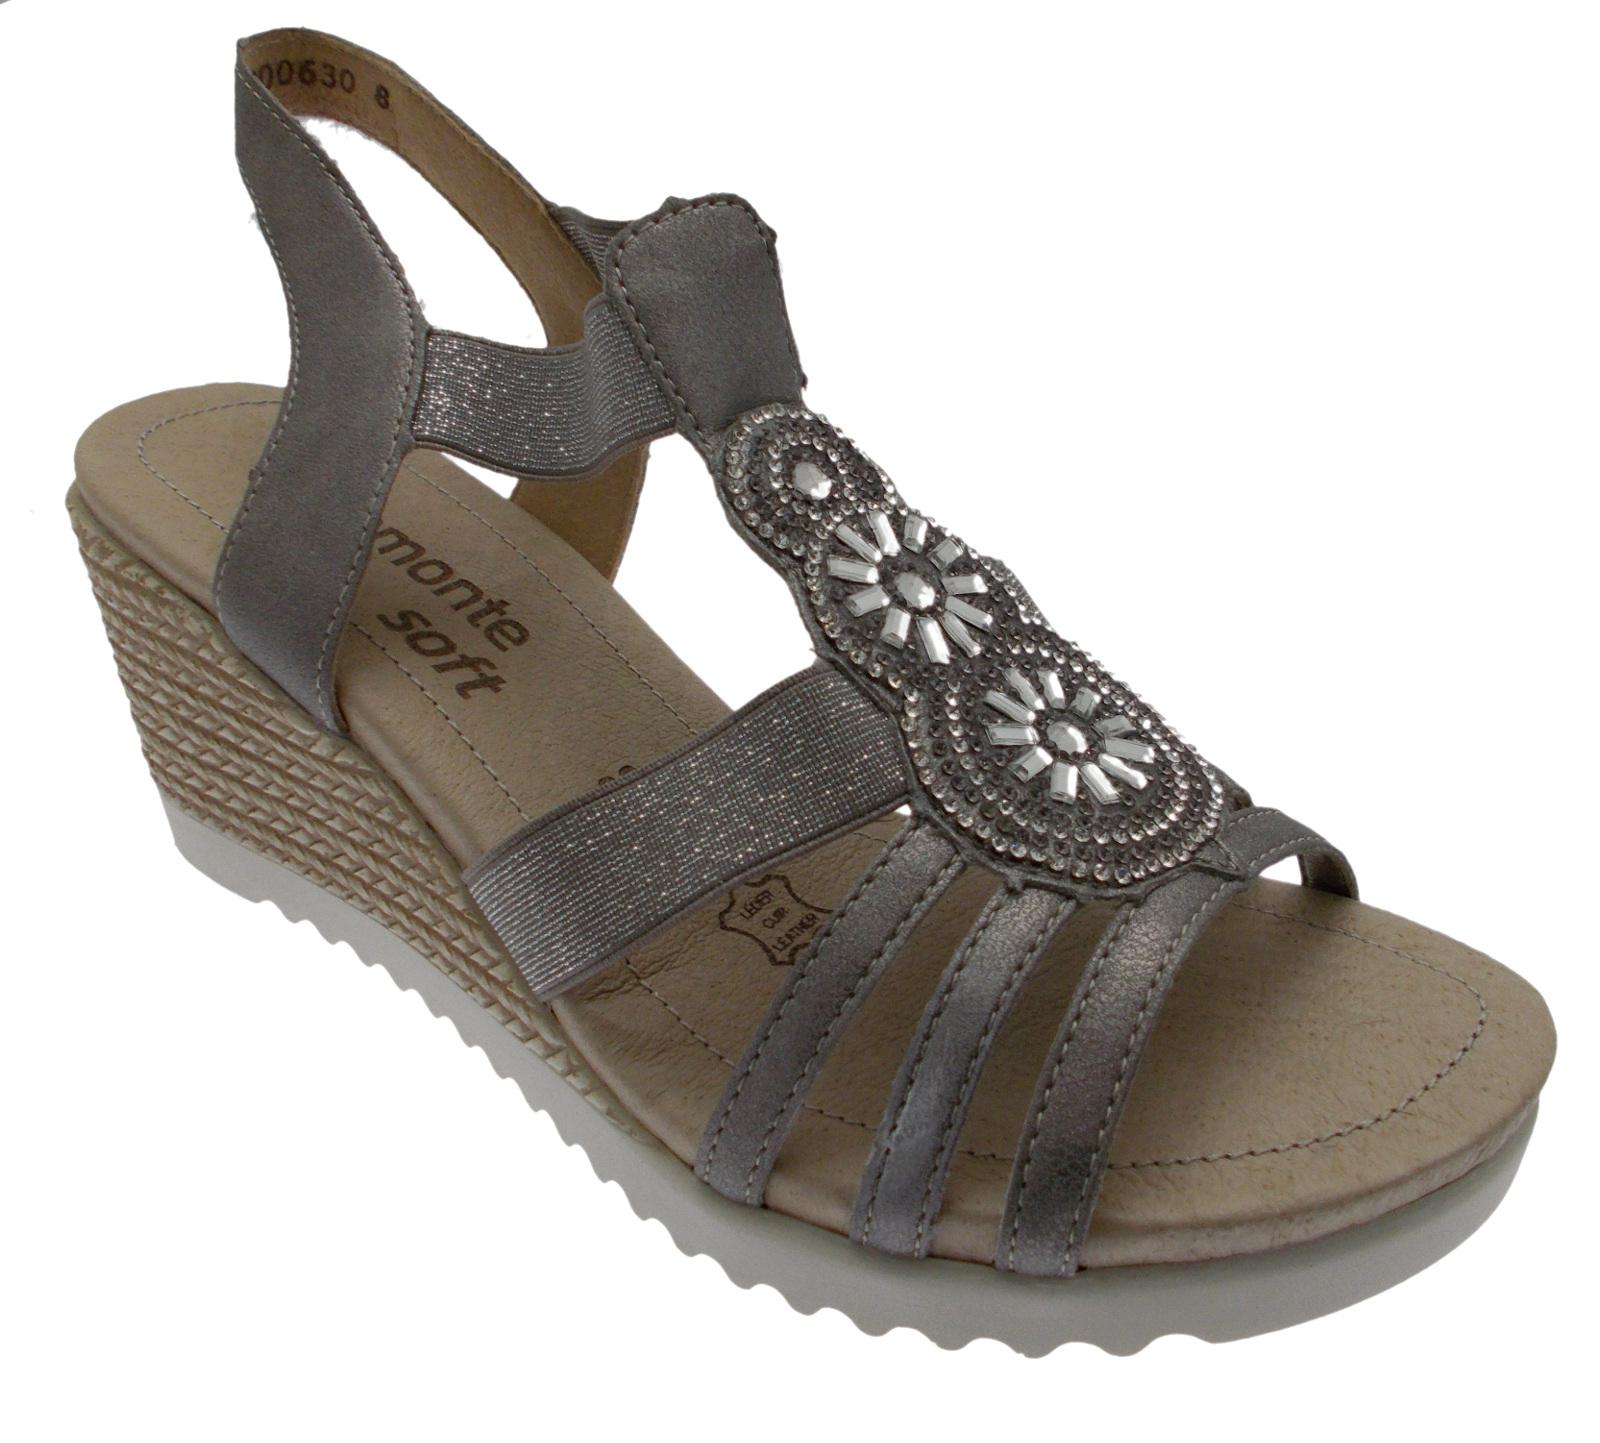 d3453-90 sandale métal gris platine wedge femme femme femme doux souvenir remonte da9483